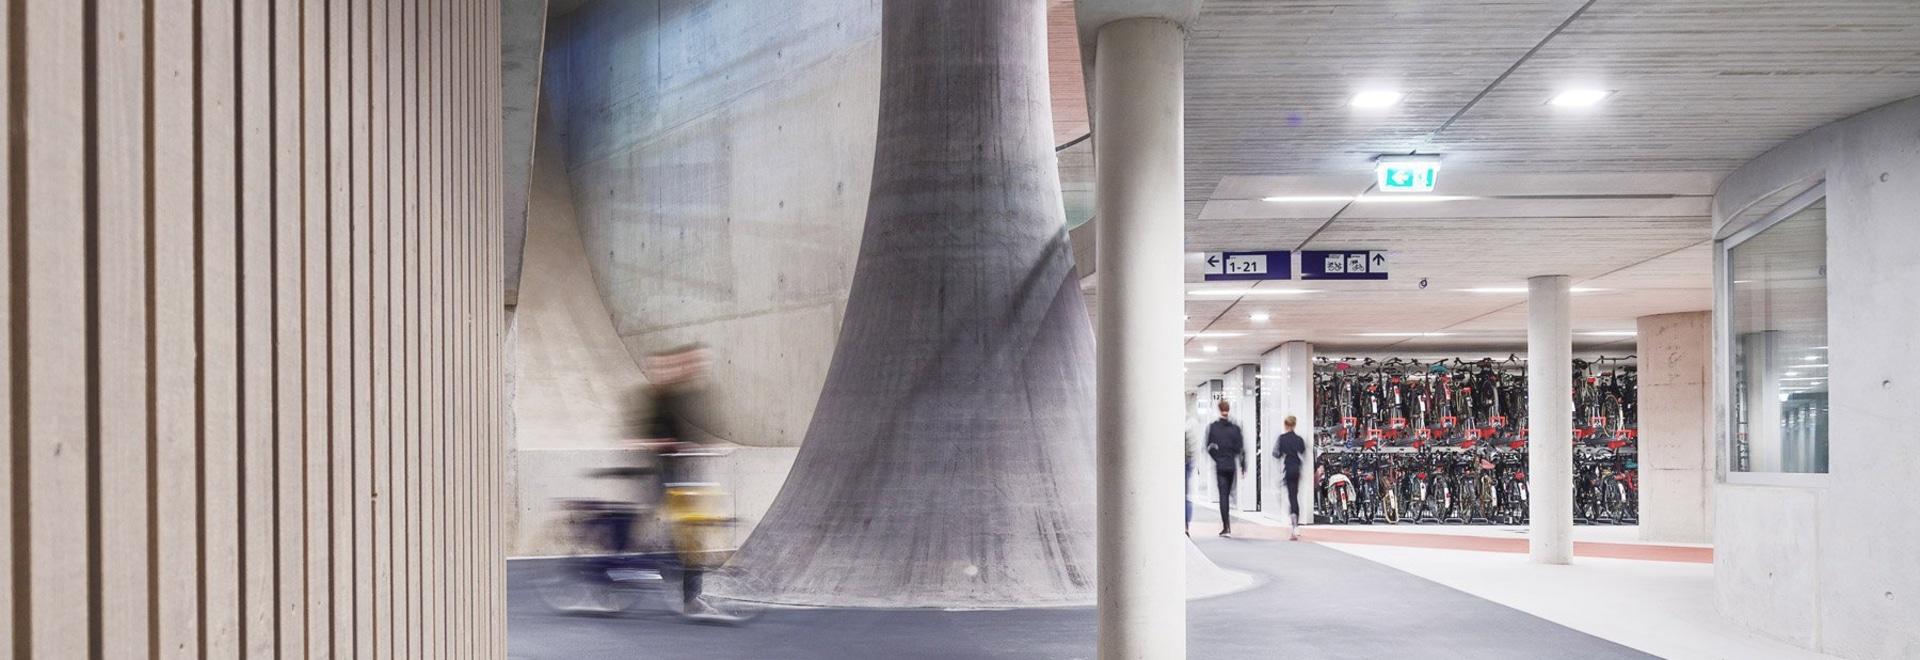 ector hoogstad architecten construit le plus grand parking à vélos du monde à utrecht